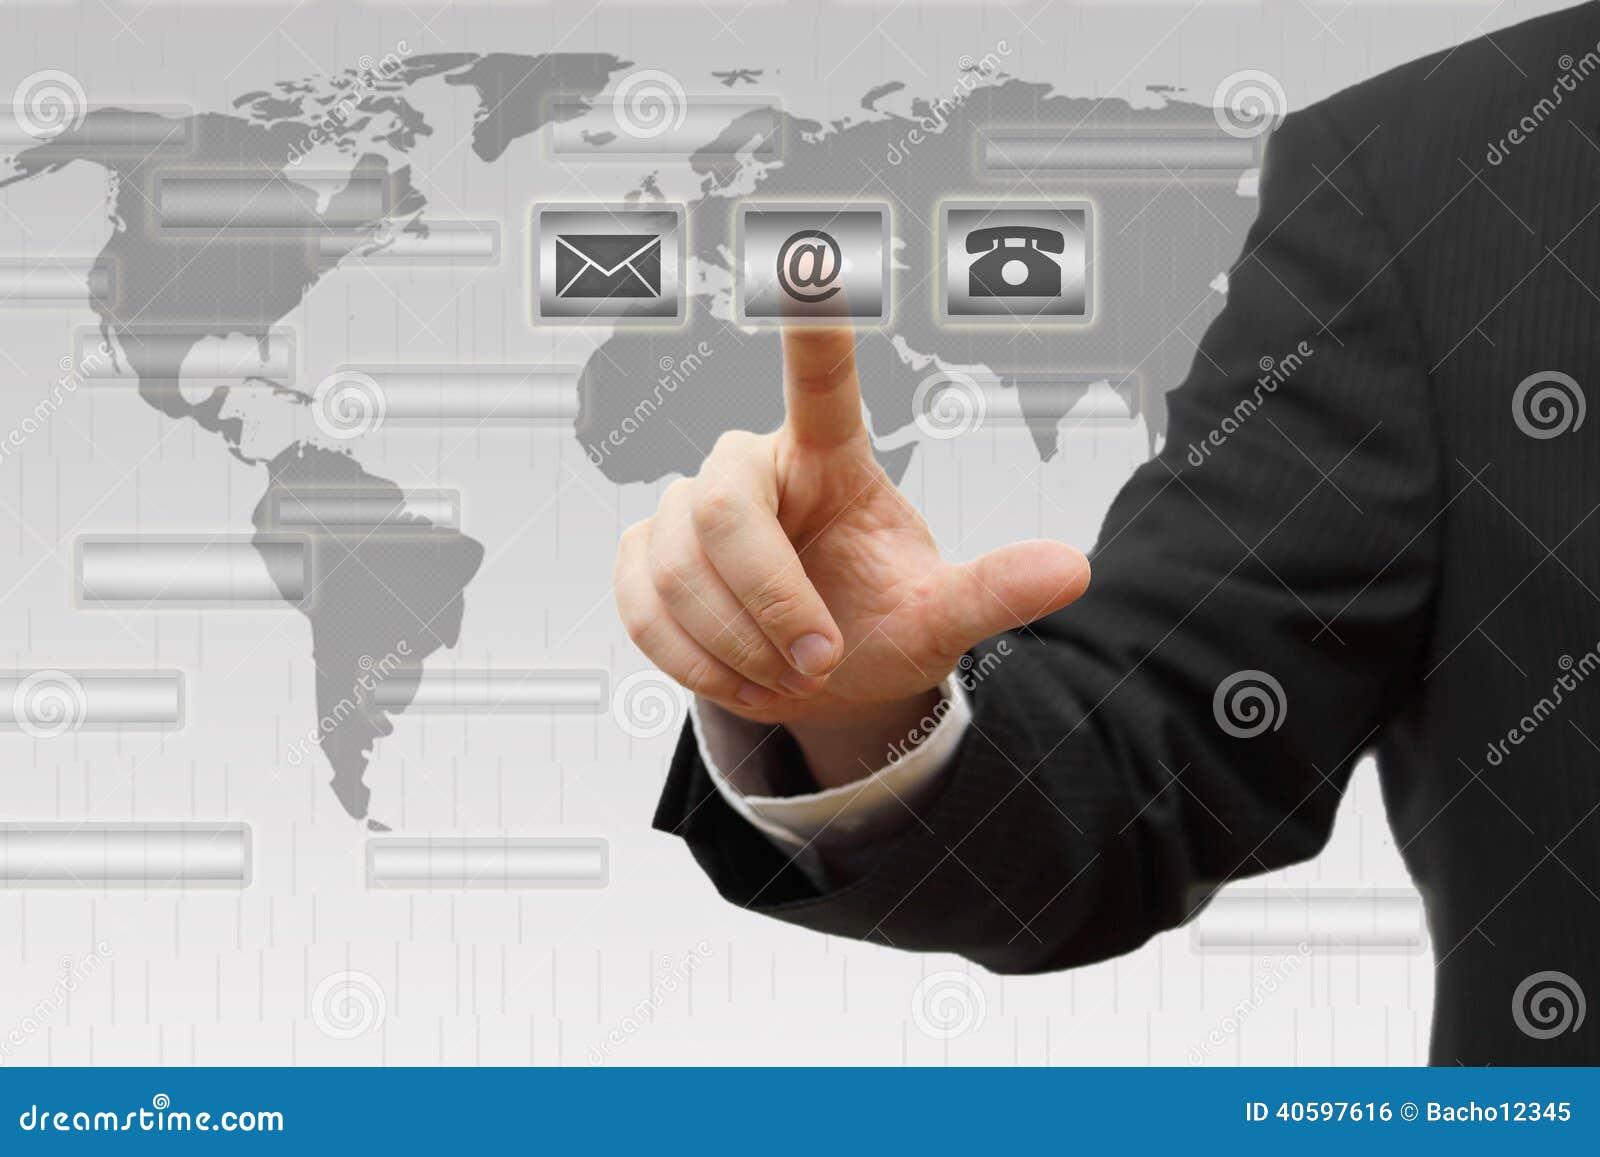 Homme d affaires appuyant sur (courrier, téléphone, email) les boutons virtuels